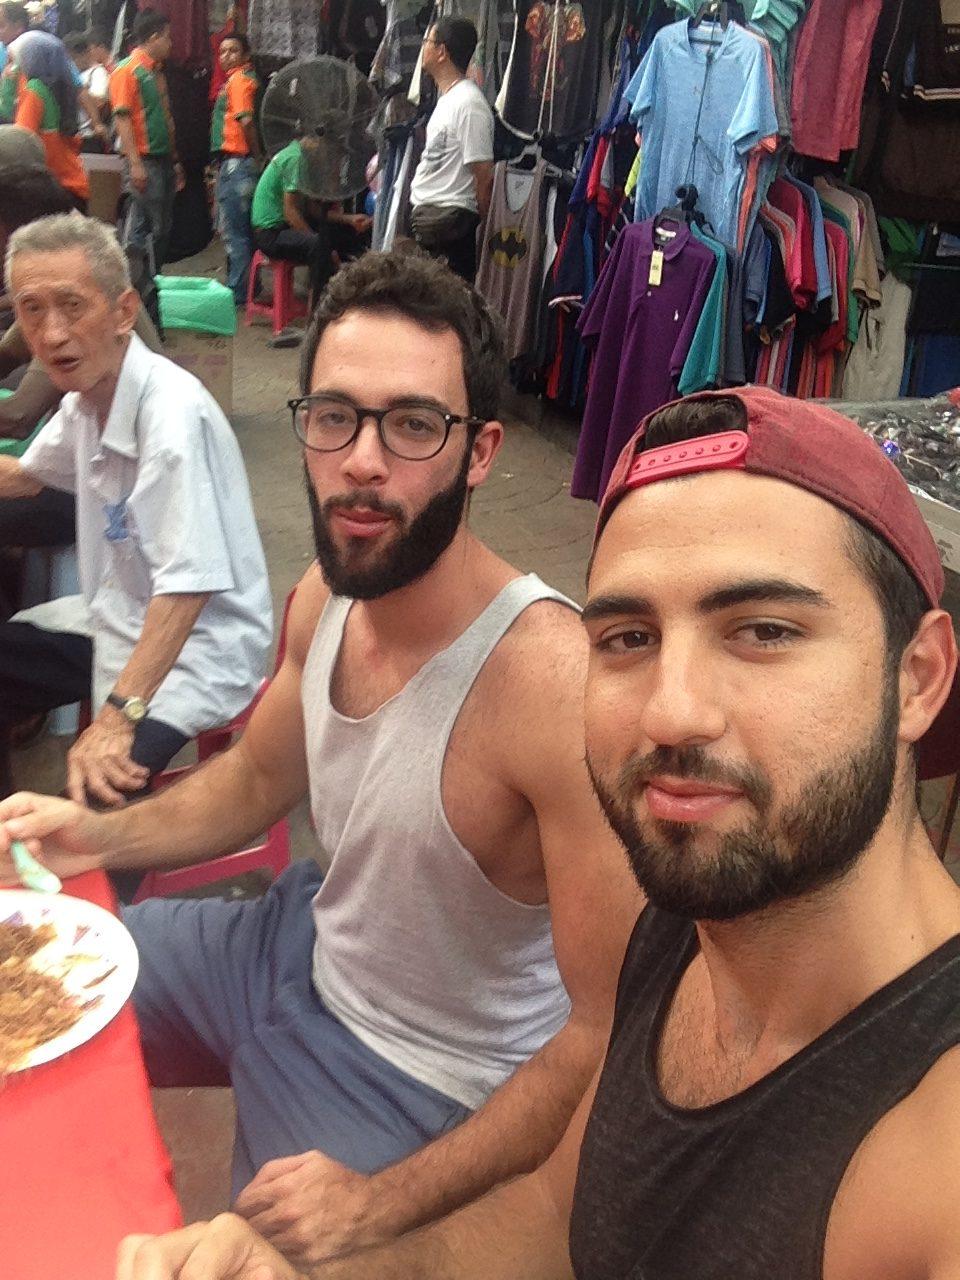 Mert ile birlikte Petaling sokağında bedava noodle'larımızı yerken.. (Ağzında yemek varken çektiğim fotoğrafı koymak zorunda kaldım çünkü malezyadaki tek fotoğrafımız bu :D )